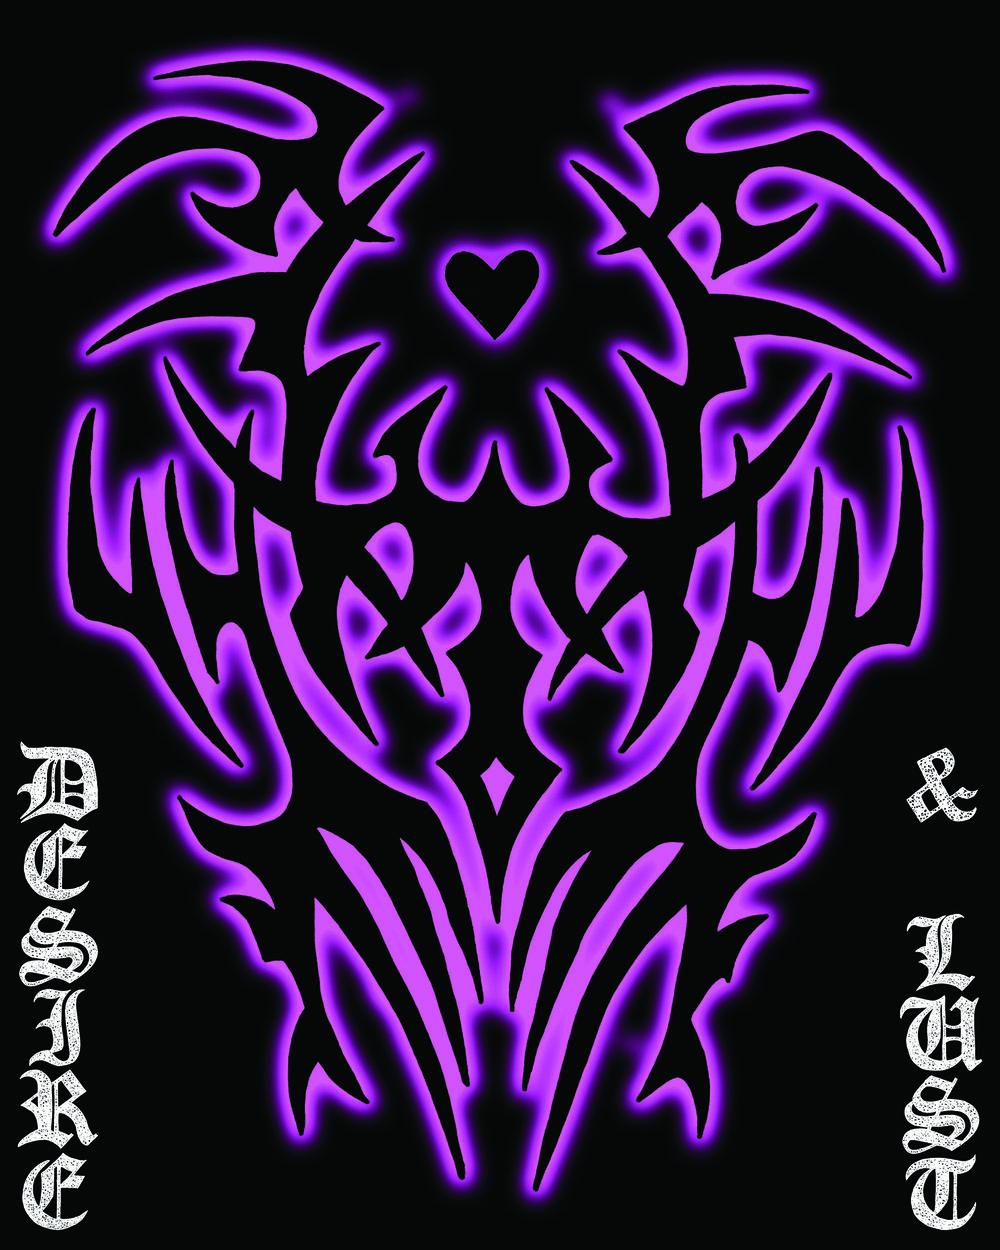 club_heat_poster_16x20_2.jpg